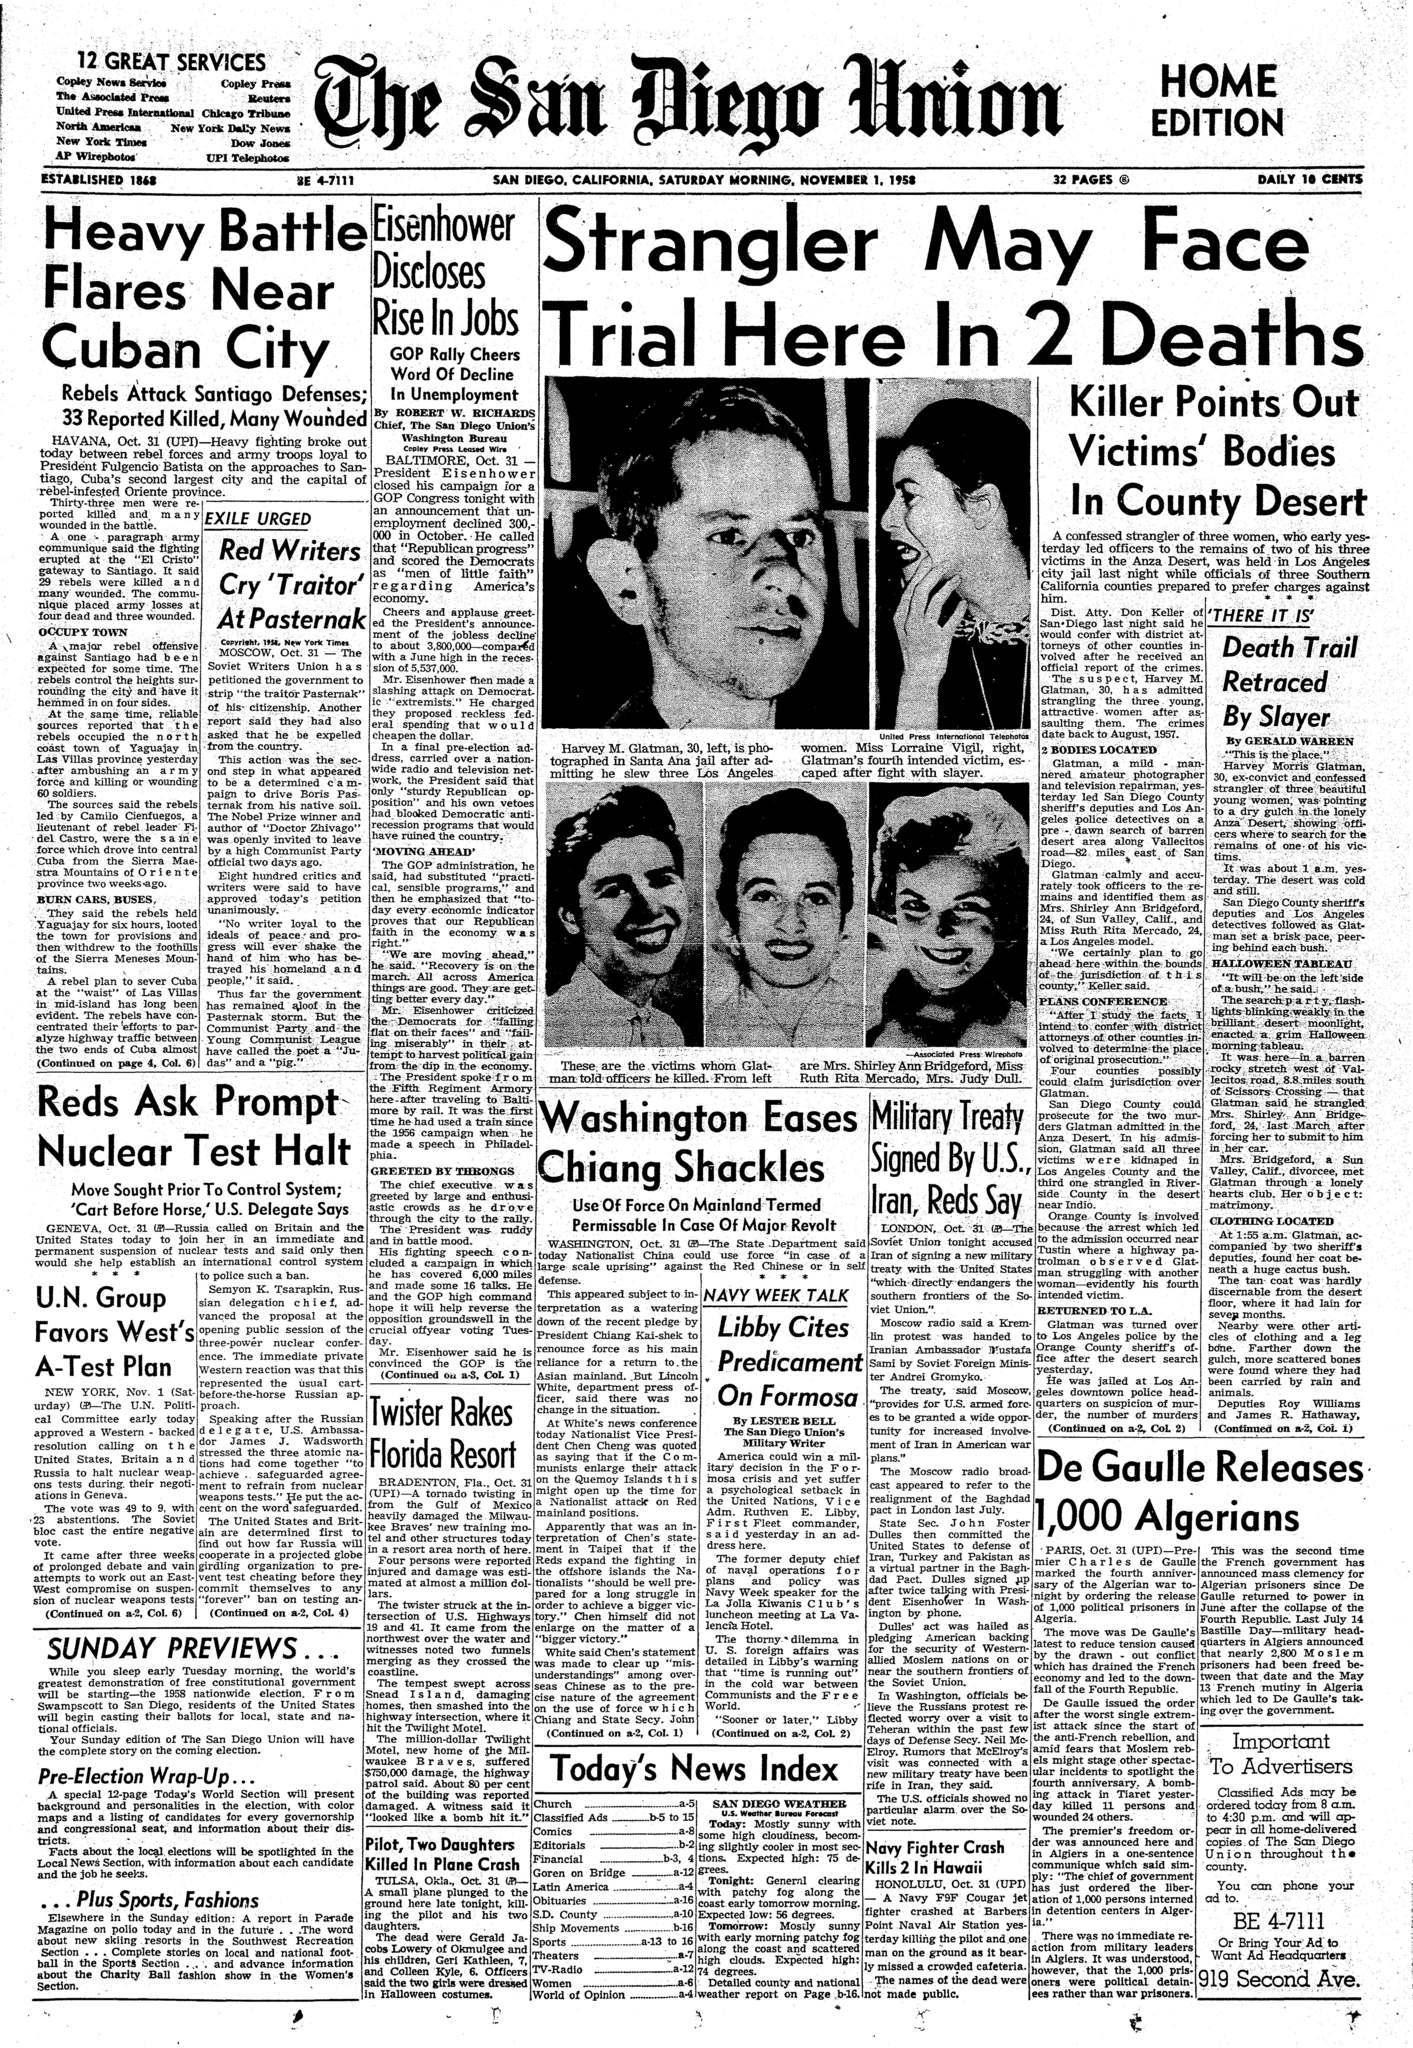 November 1, 1958